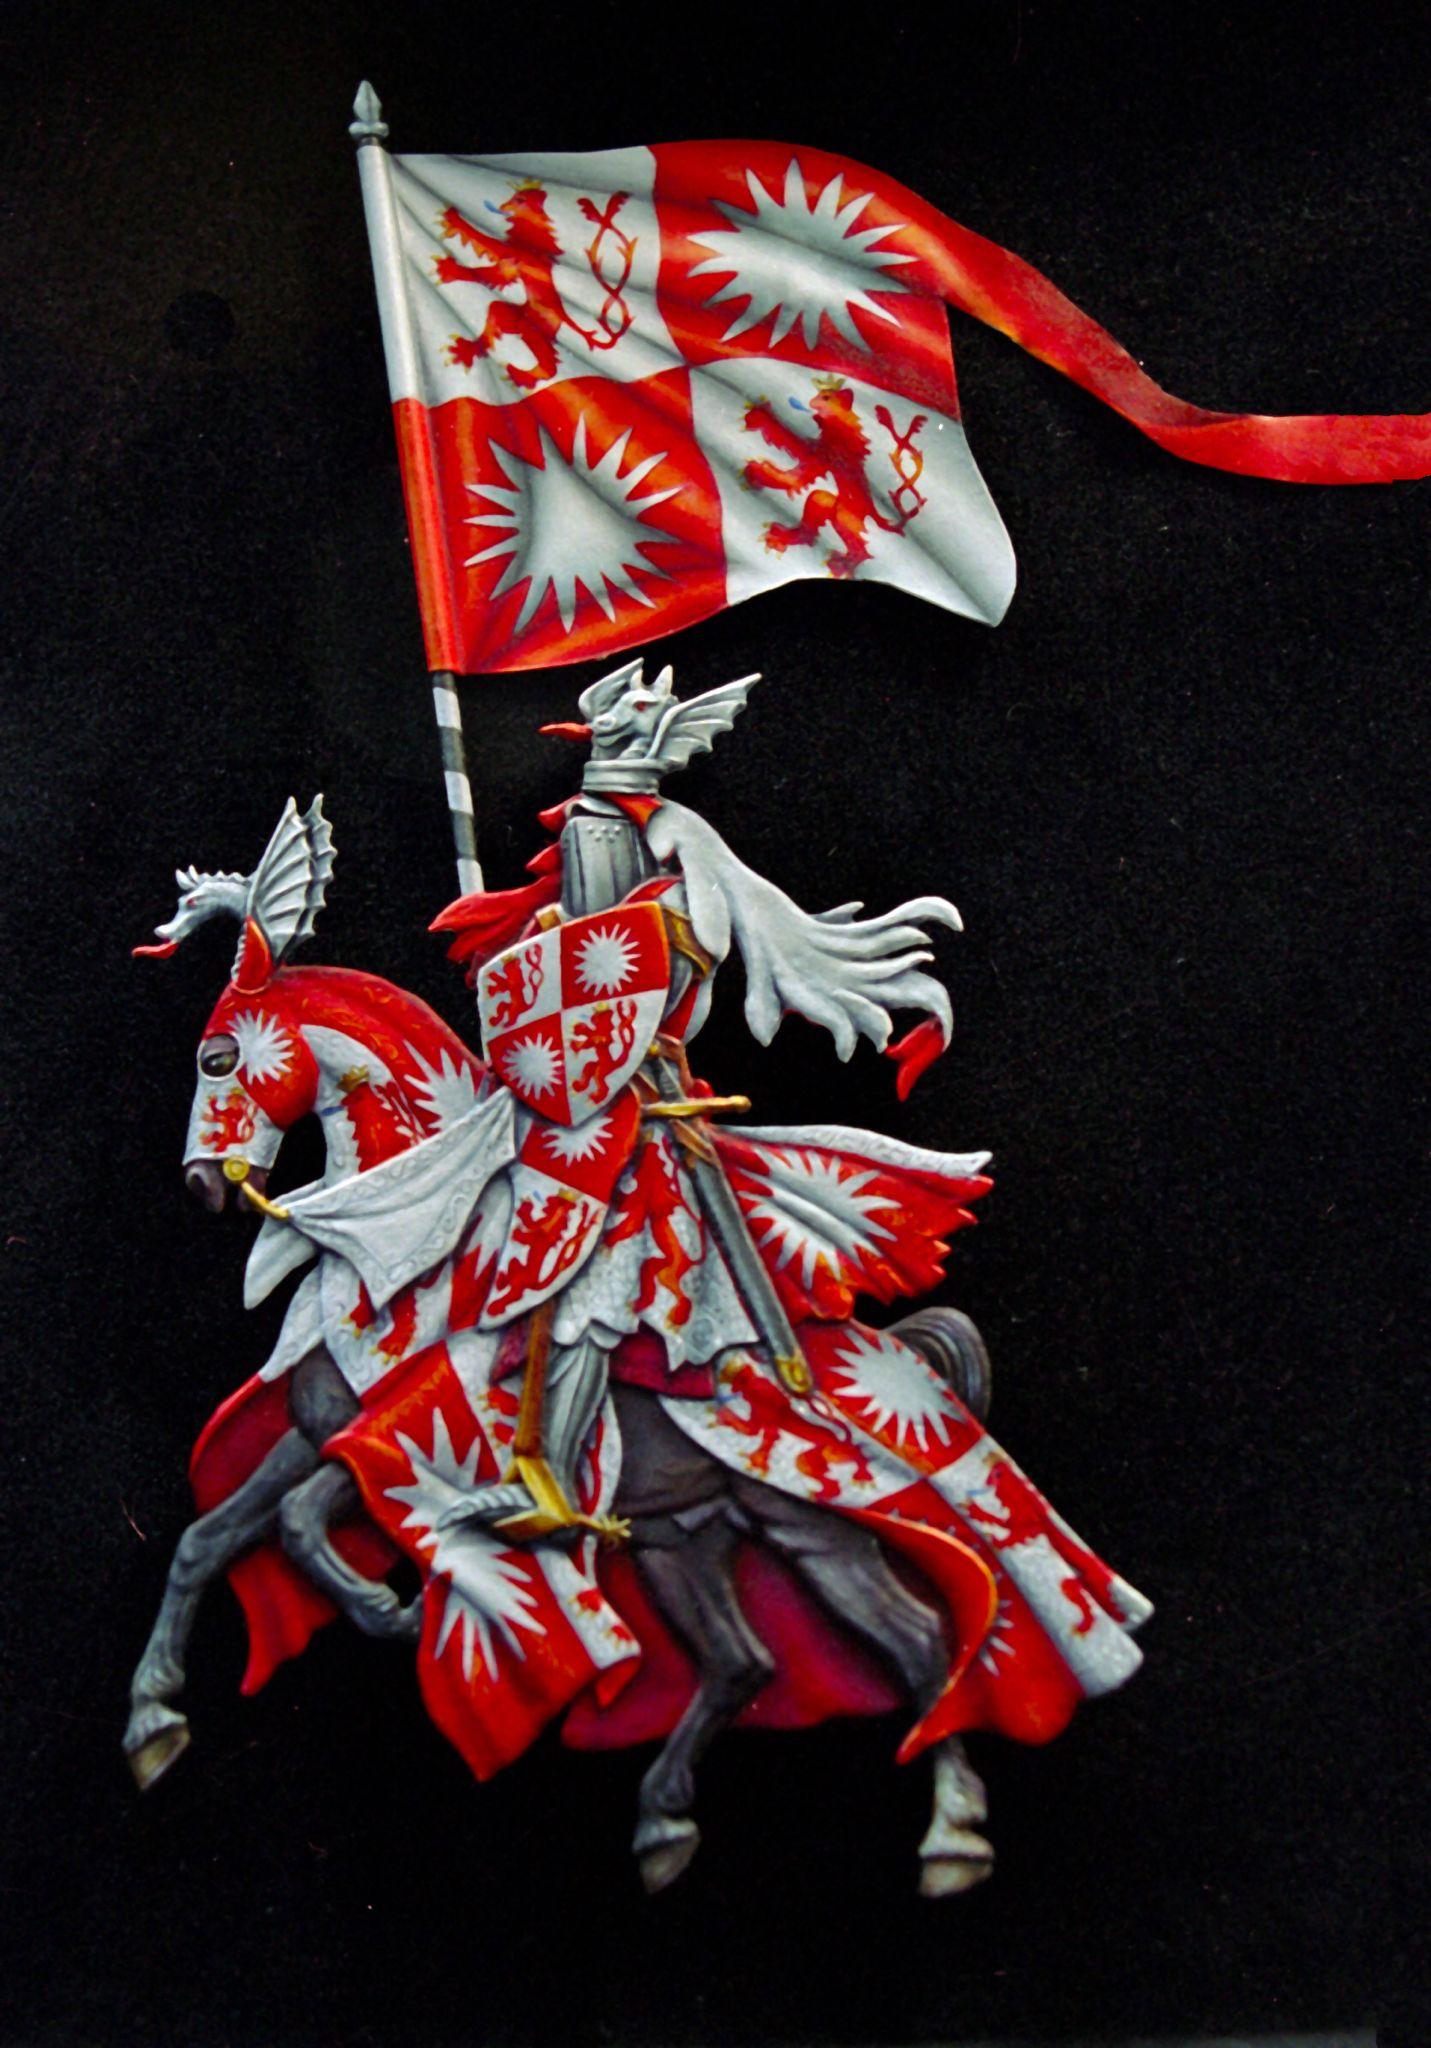 plat d etain zinnfiguren pinterest military art and knights